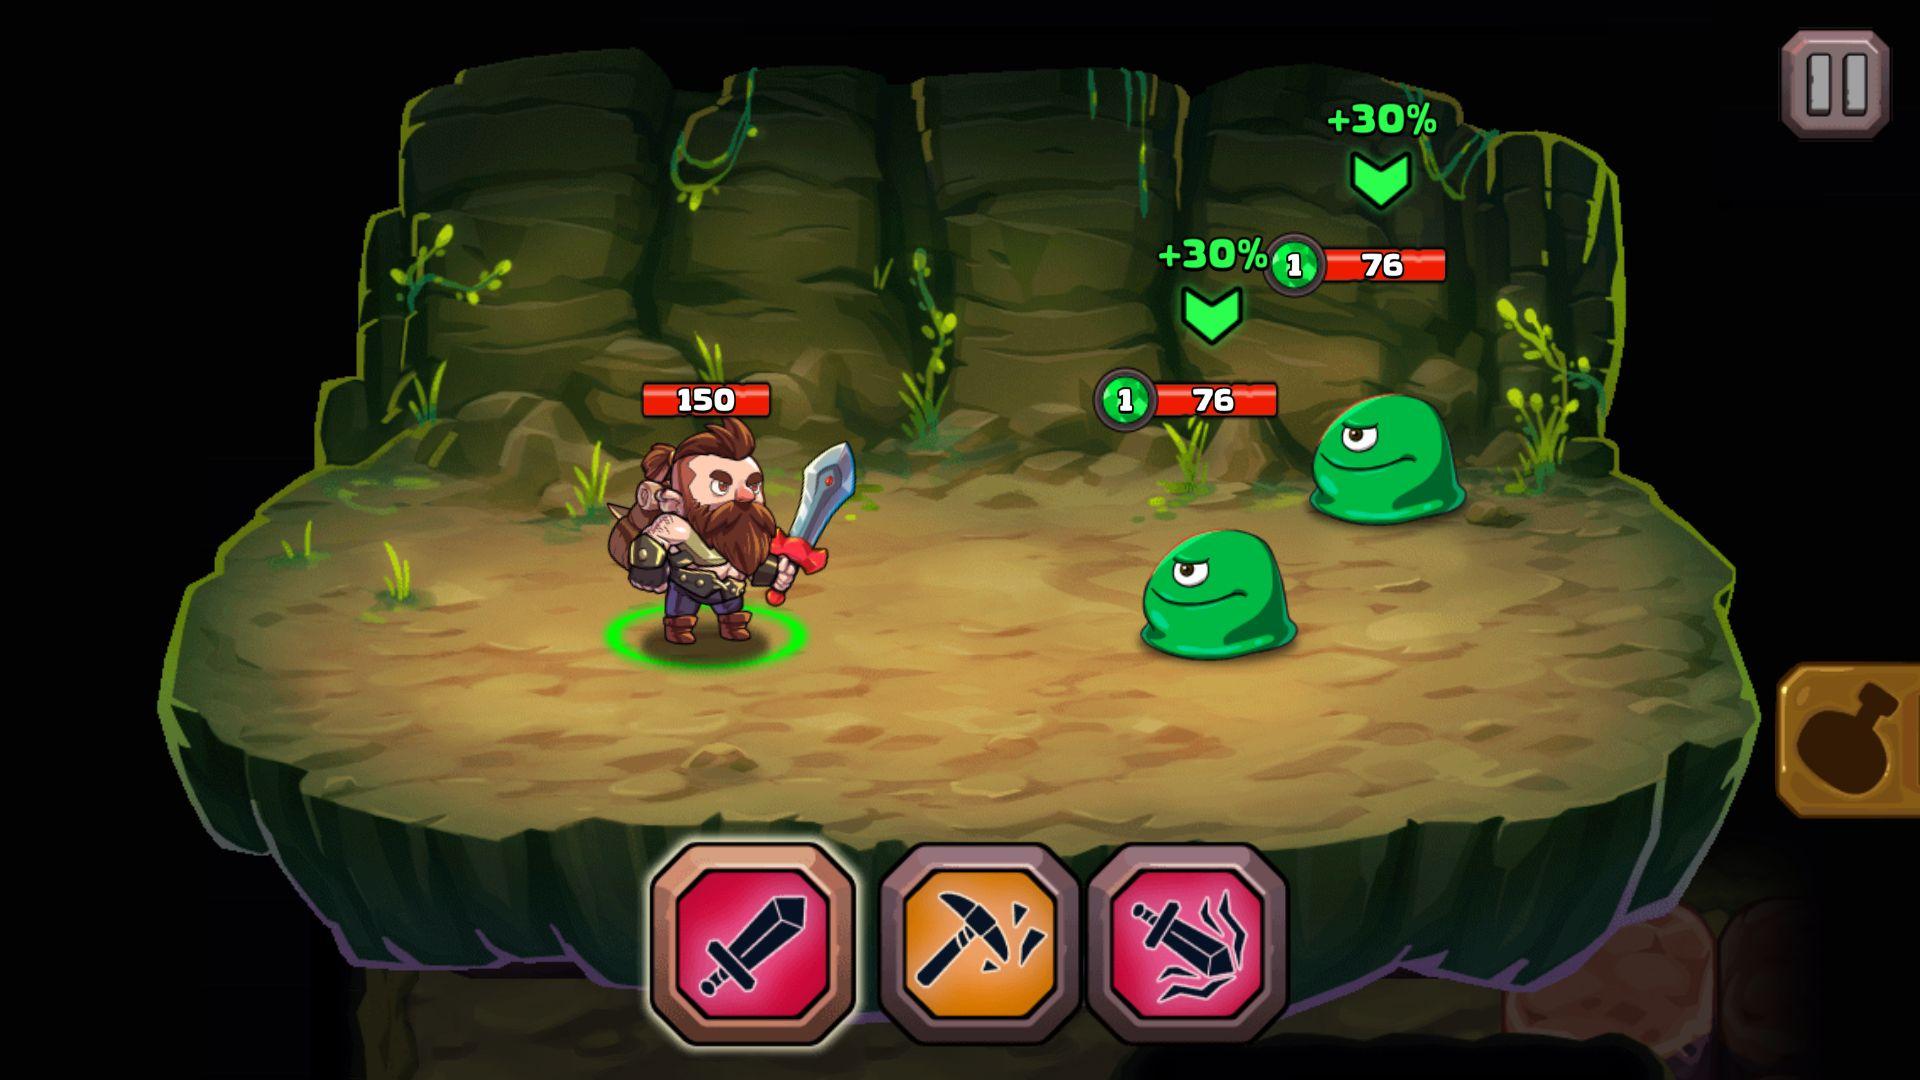 マインクエスト2(Mine Quest 2) androidアプリスクリーンショット1